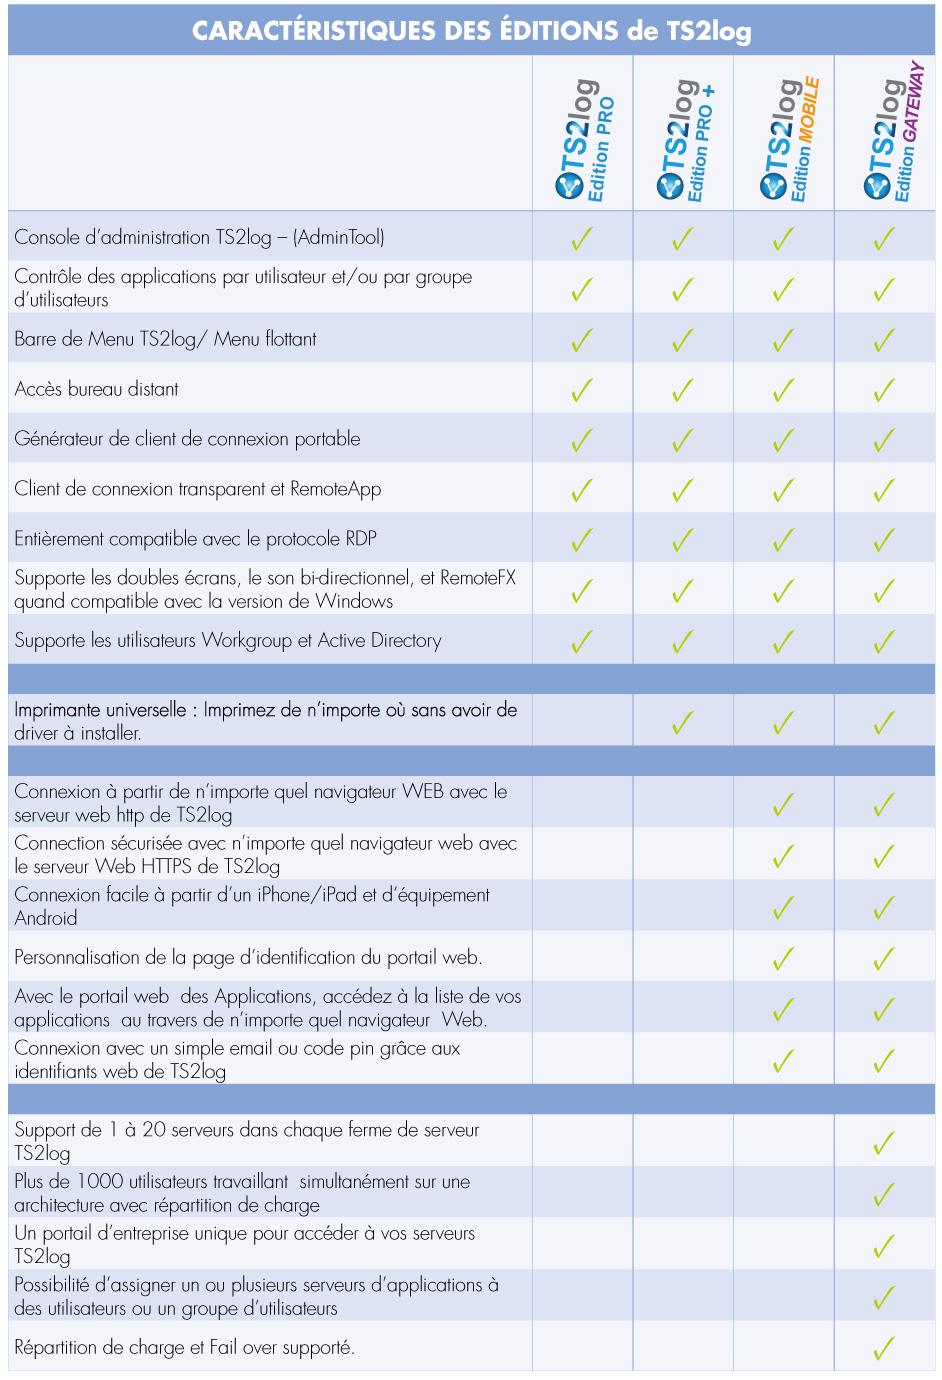 Comparatif des fonctionnalités des 4 éditions de TS2Log